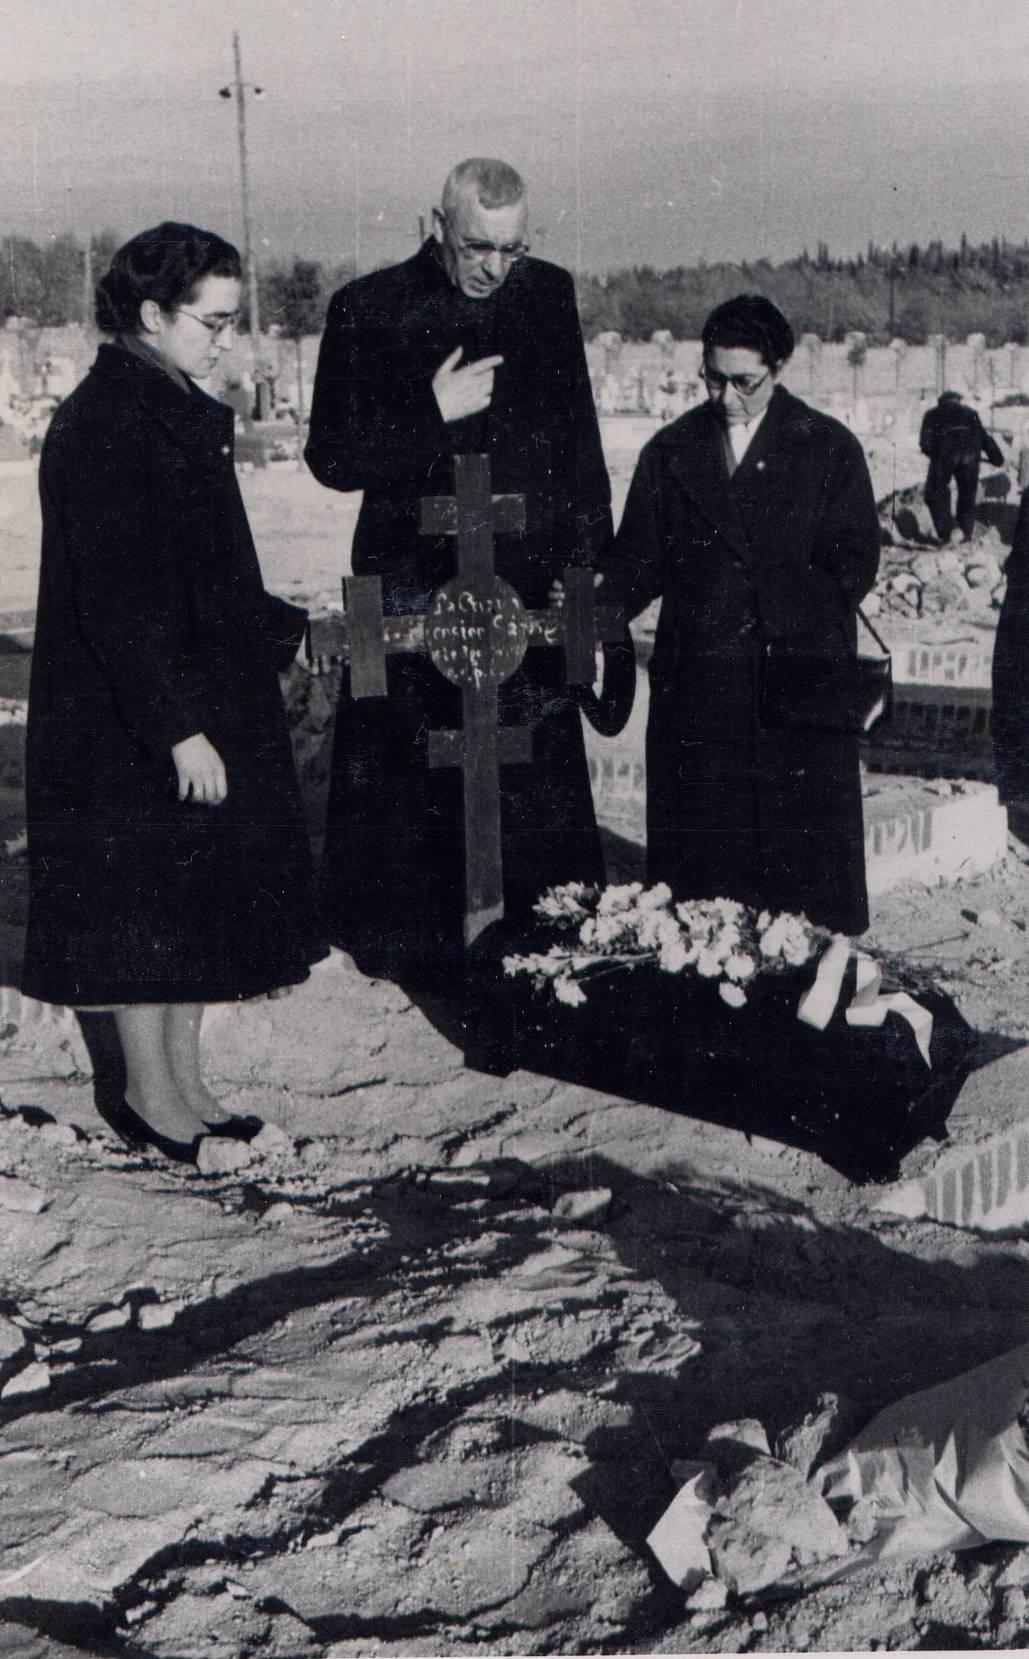 El Fundador y las cruzadas al trasladar los restos mortales de Ascensión al Cementerio de Almudena en Madrid. Año 1954